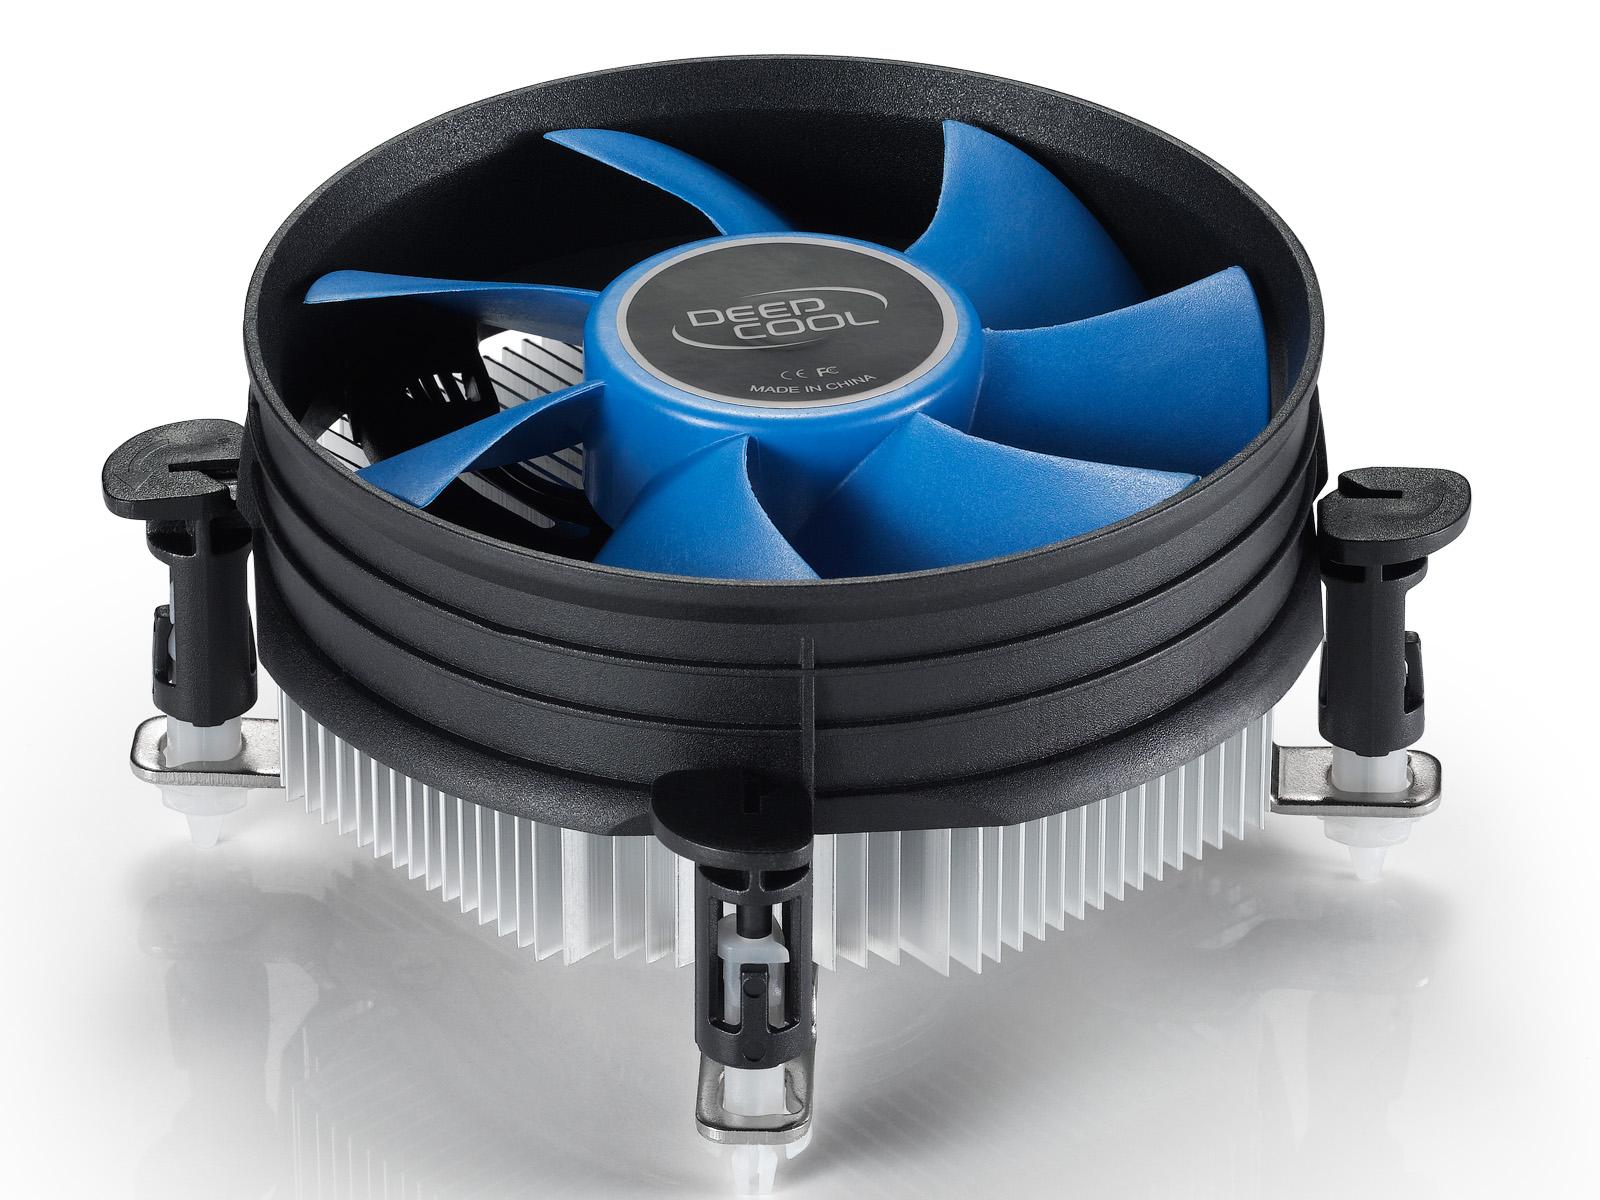 خنک کننده سی پی یو دیپ کول مدل THETA 9